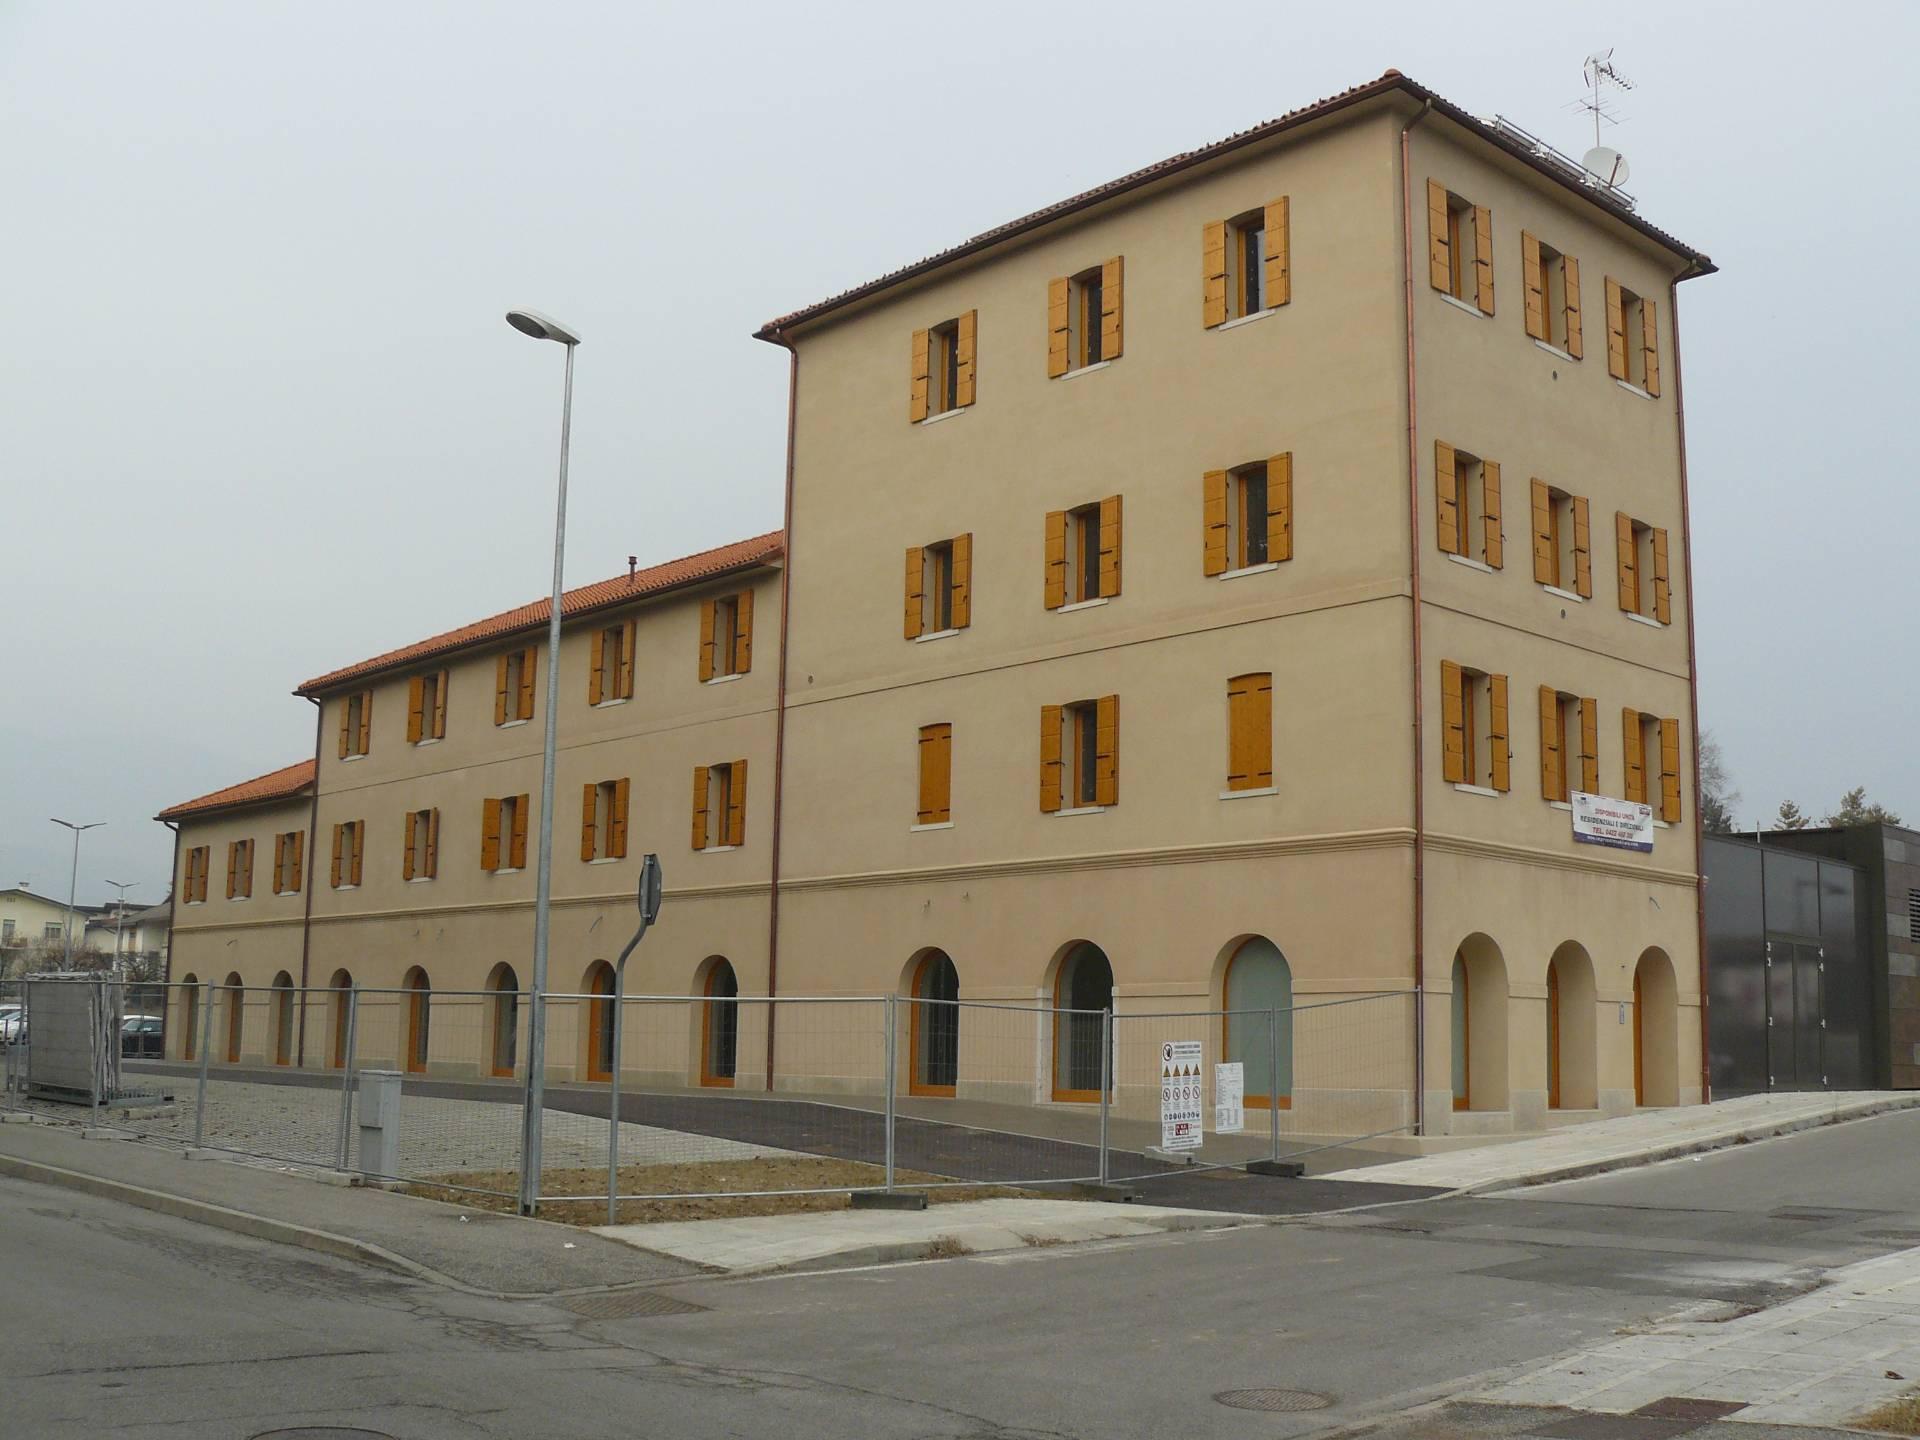 Ufficio / Studio in vendita a Feltre, 9999 locali, prezzo € 105.000 | Cambio Casa.it